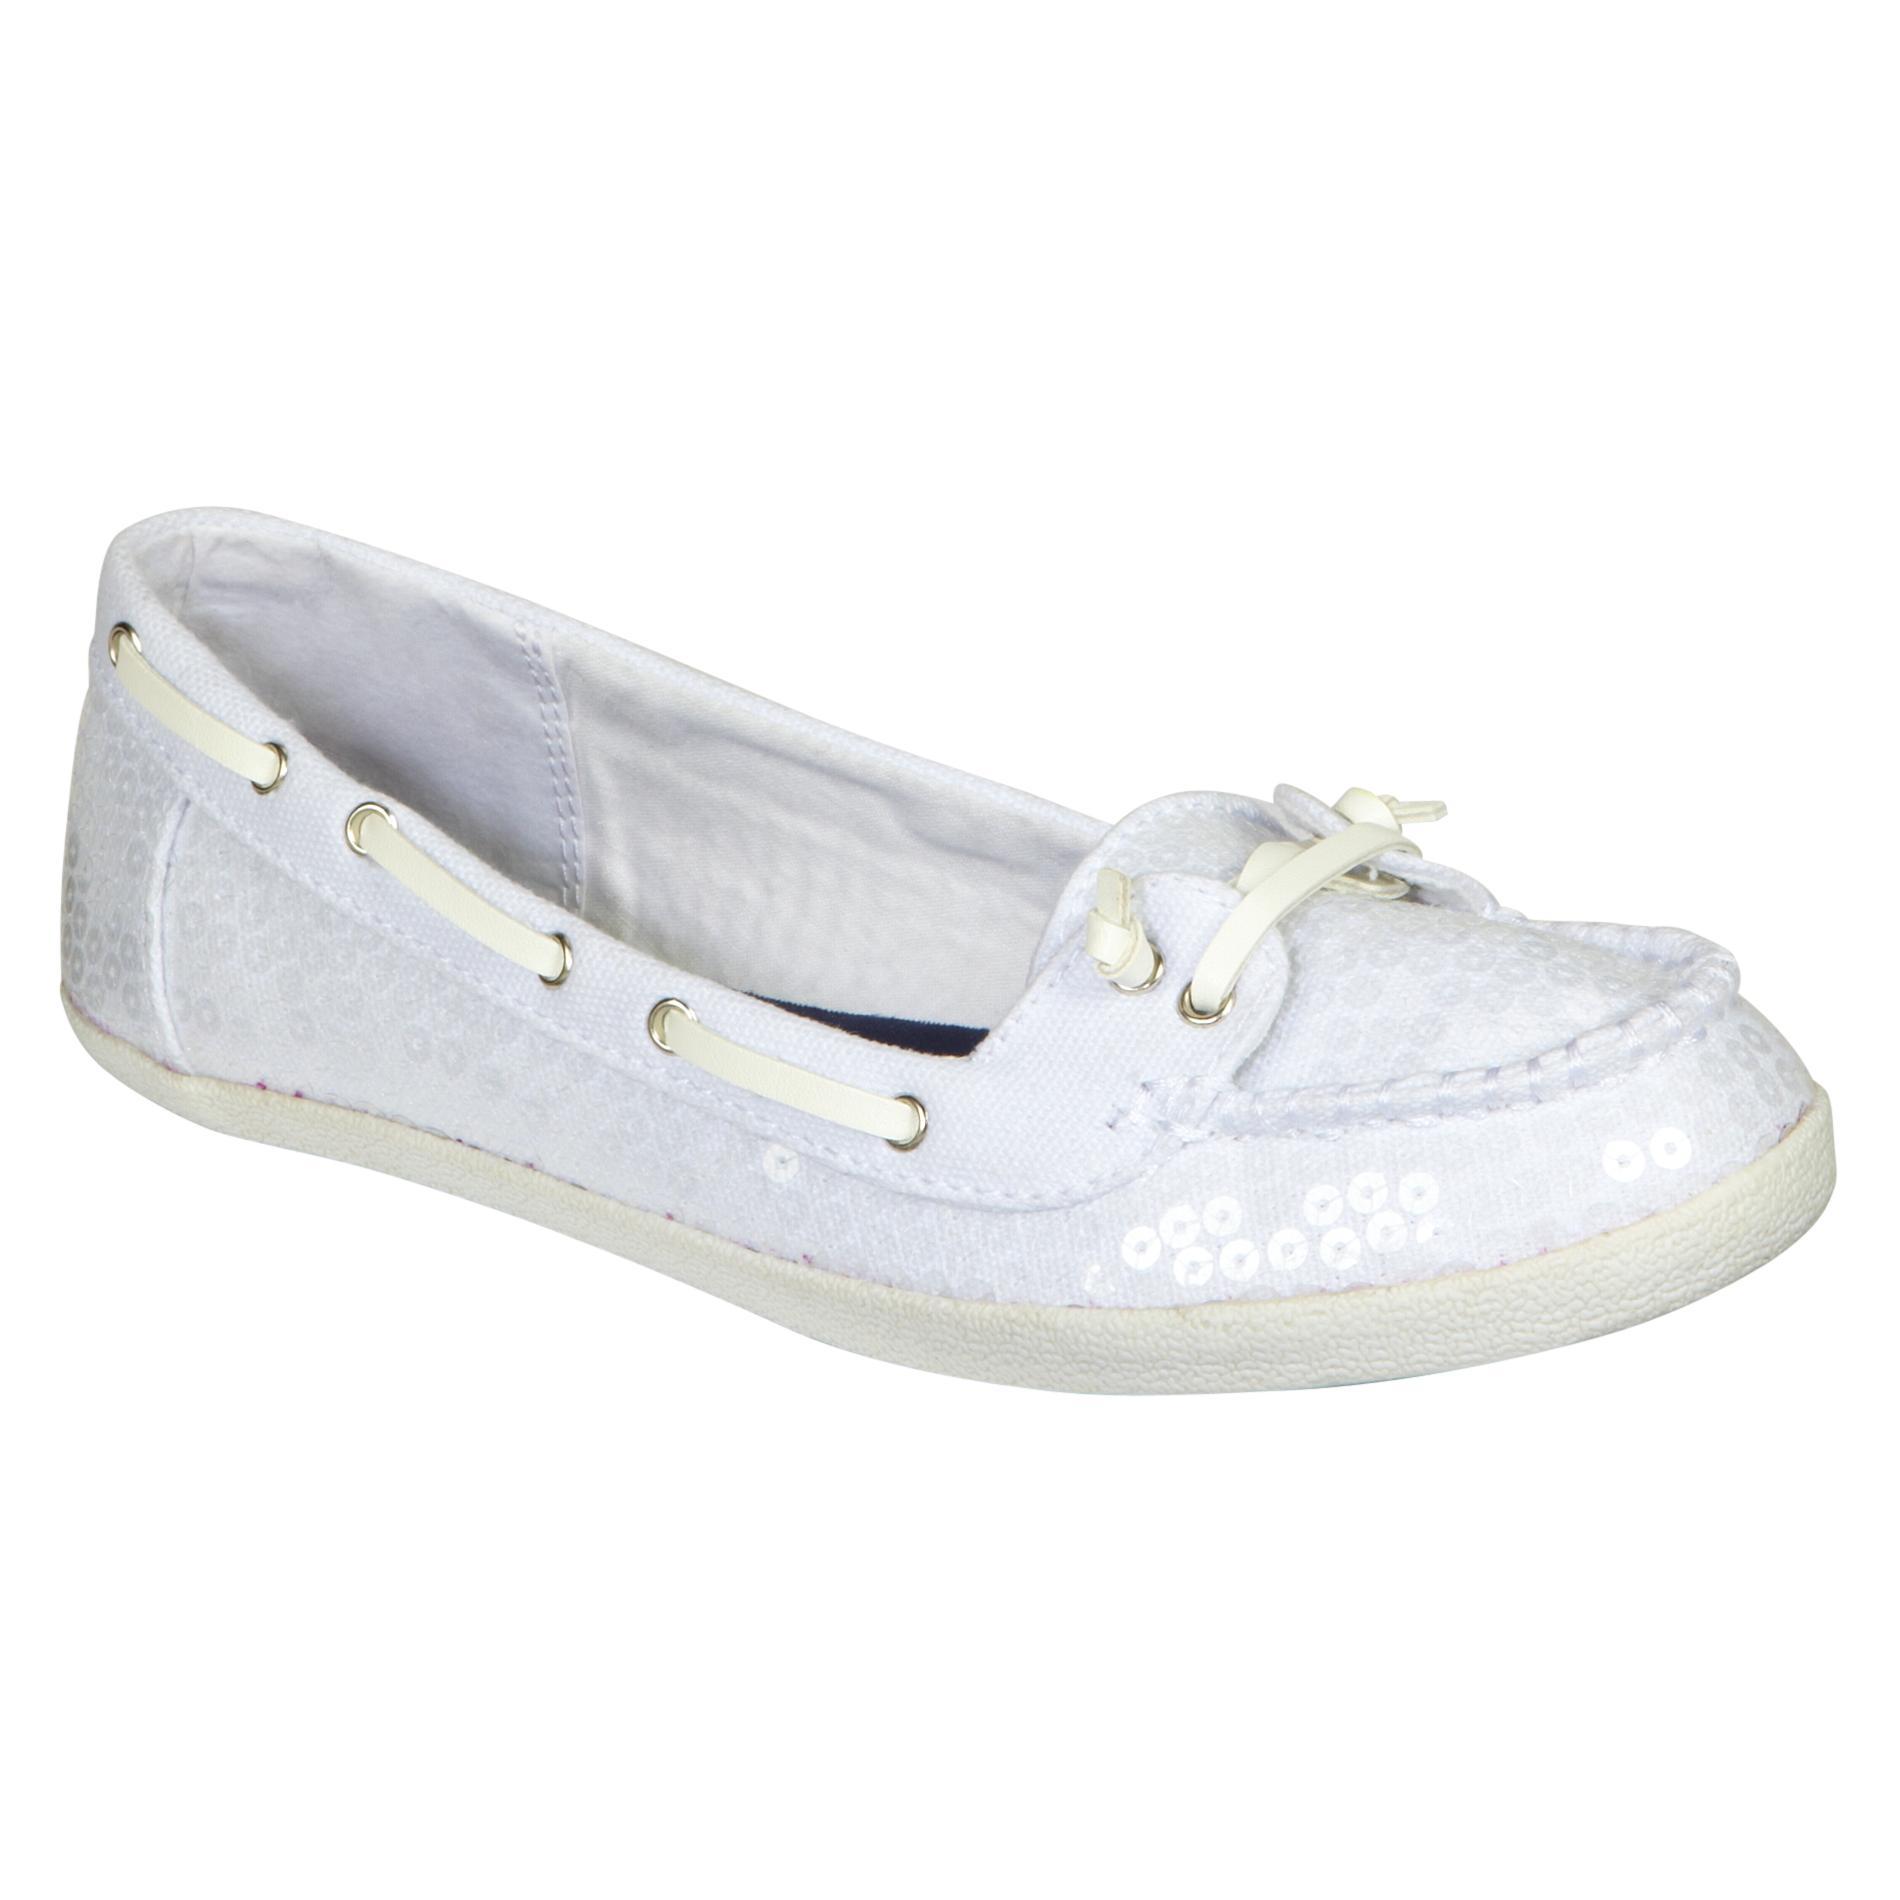 Bongo Women s Casual Boat Shoe Port - White  1808b4be78